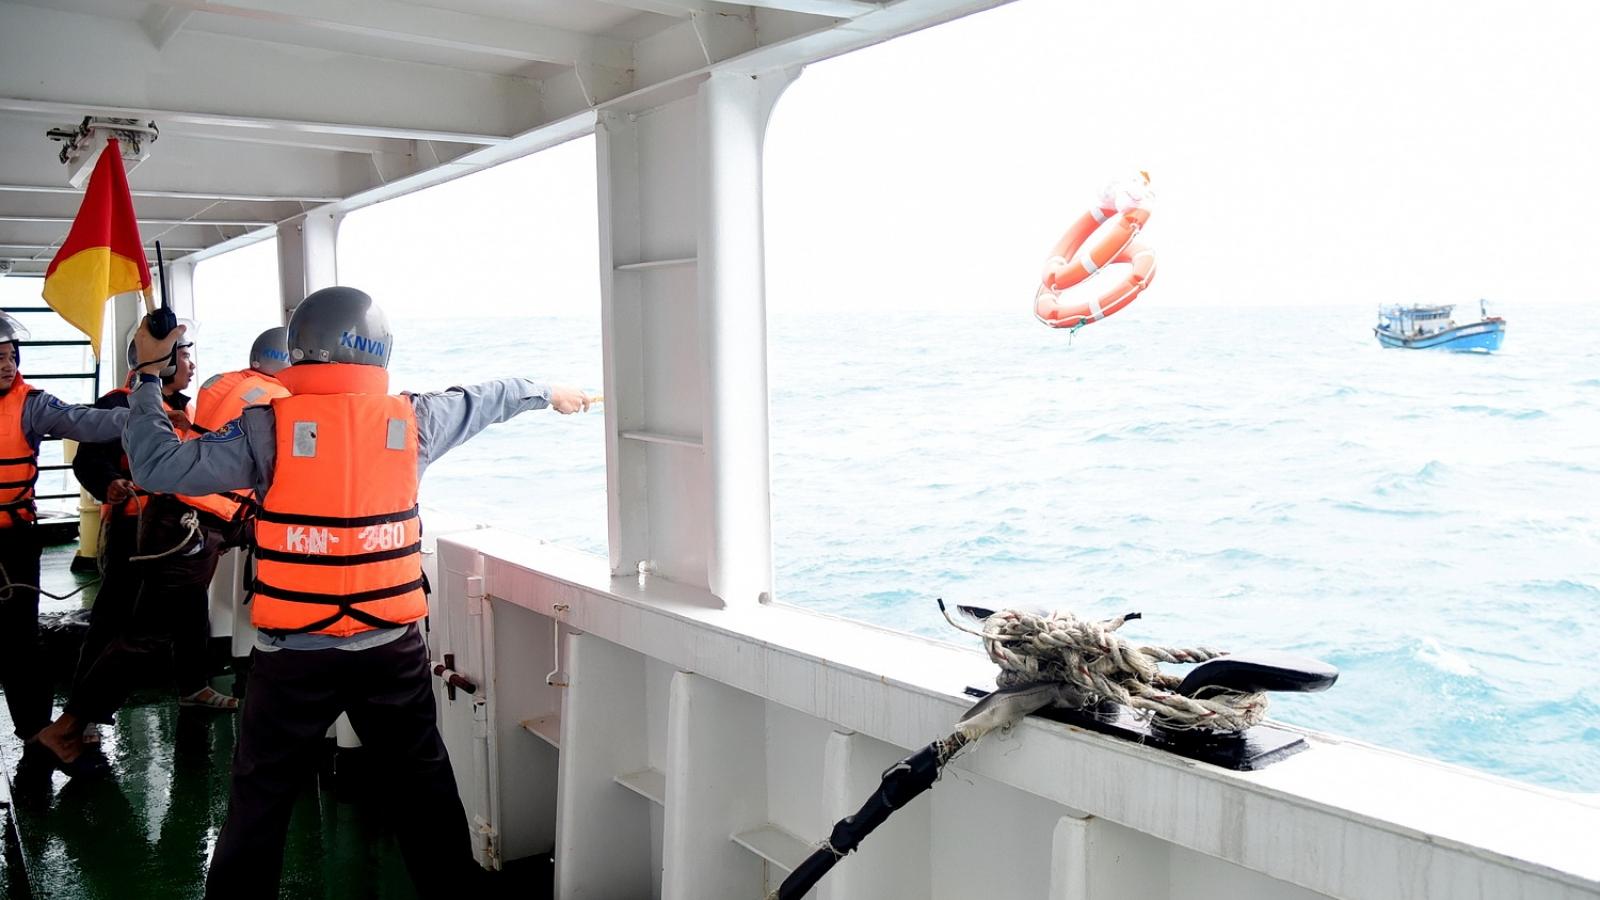 Tàu Kiểm ngư cứu nạn tàu cá Đà Nẵng bị nạn trên biển